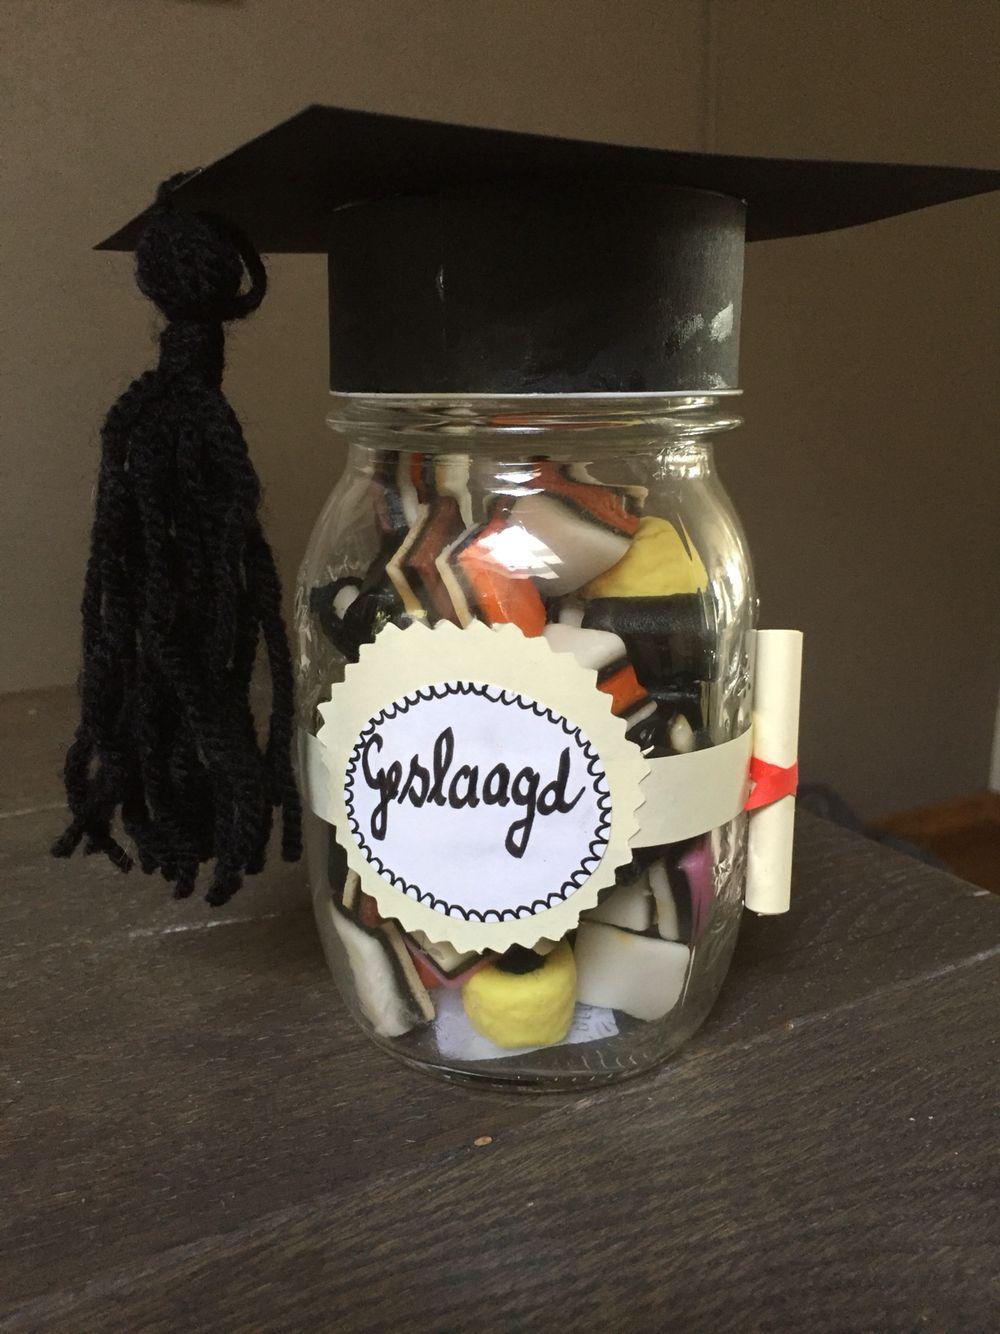 Magnifiek Geldgeschenk geslaagd | cadeautje geslaagd - Gifts, Homemade gifts @JO44